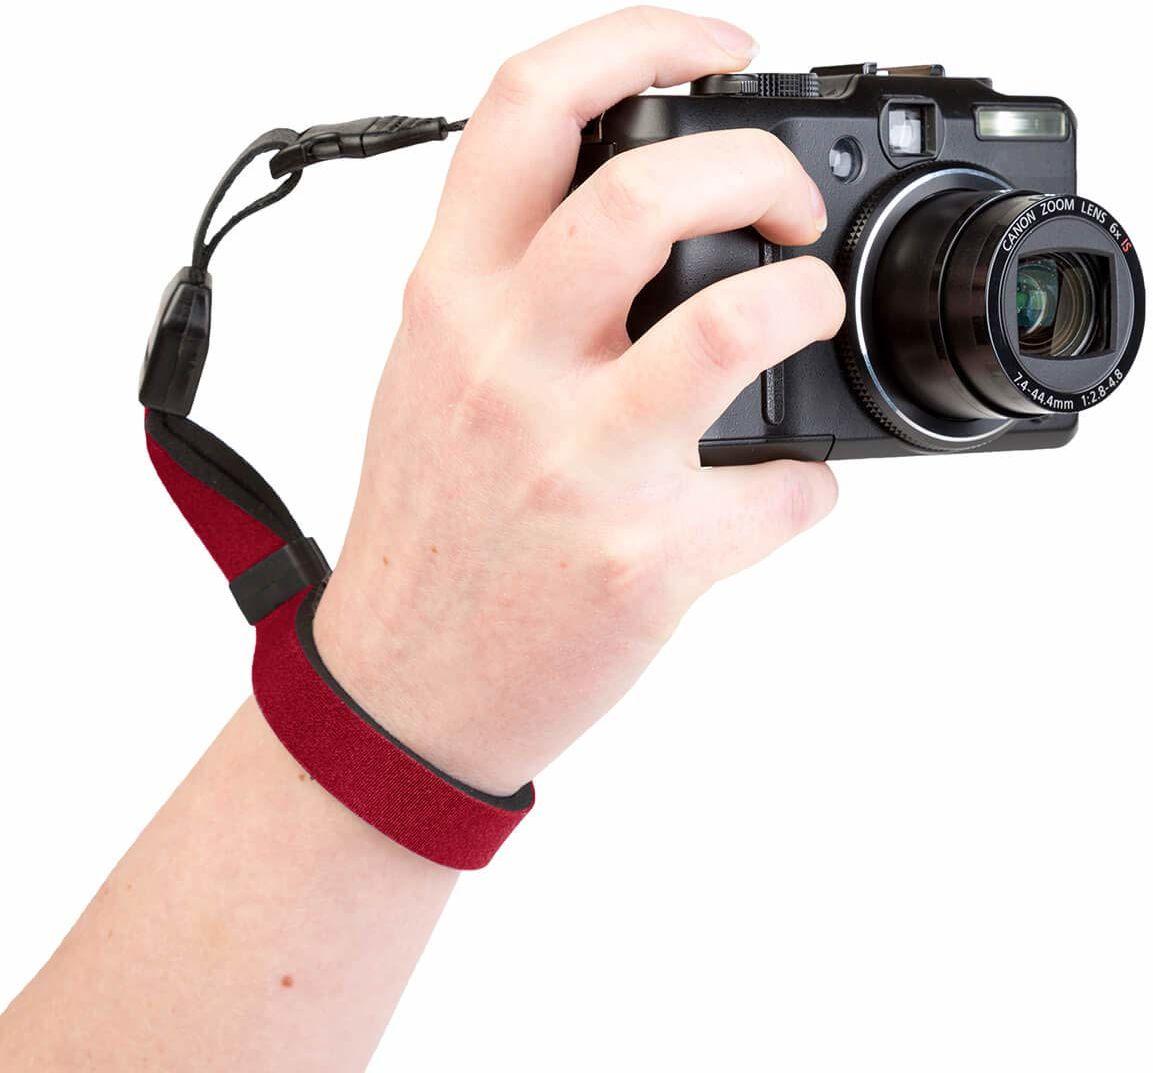 1806021 Optech USA pasek do noszenia do aparatów cyfrowych, fioletowy